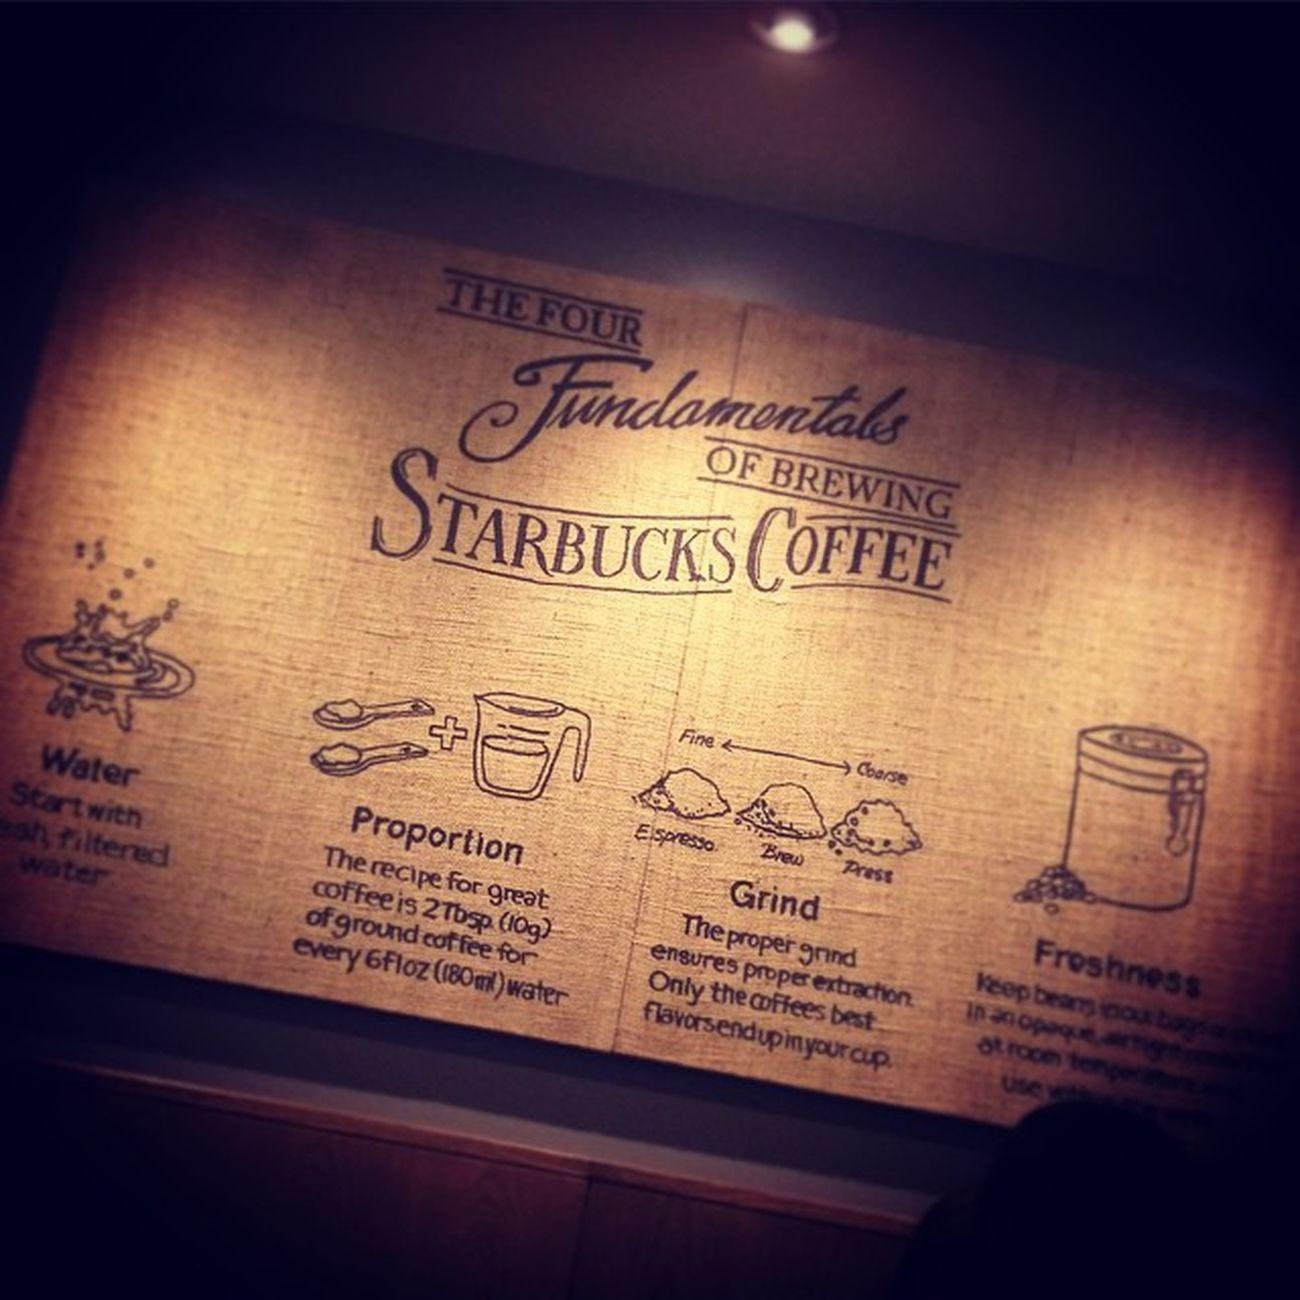 2015.05.26 . . 着実に進んでいる改装… このボード可愛い😆 コーヒー豆の麻袋でできてるの✨ . . 相方さんから 《どっちから見るか解る?》って 聞かれて、見事に間違えましたw ↑やっぱり、ダメっ子でしたとさ😝 . . Miillains Miillainsはスタバっ子w Starbucks Starbuckscoffee スタバ ホムスタ 改装中 メインボード 慣れないので違和感のある店内